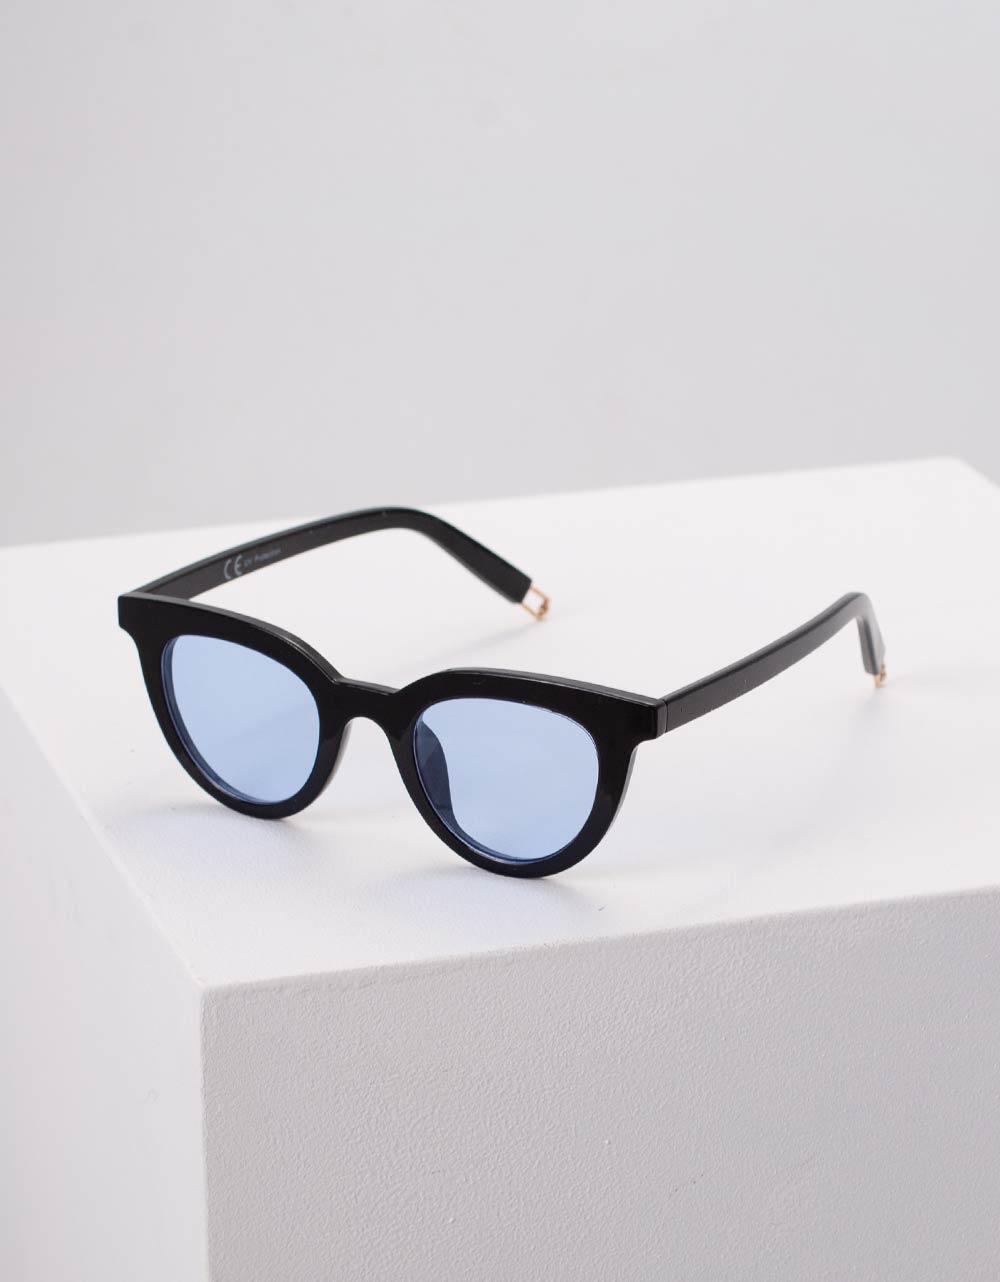 Εικόνα από Γυναικεία γυαλιά ηλίου μονόχρωμα Μπλε